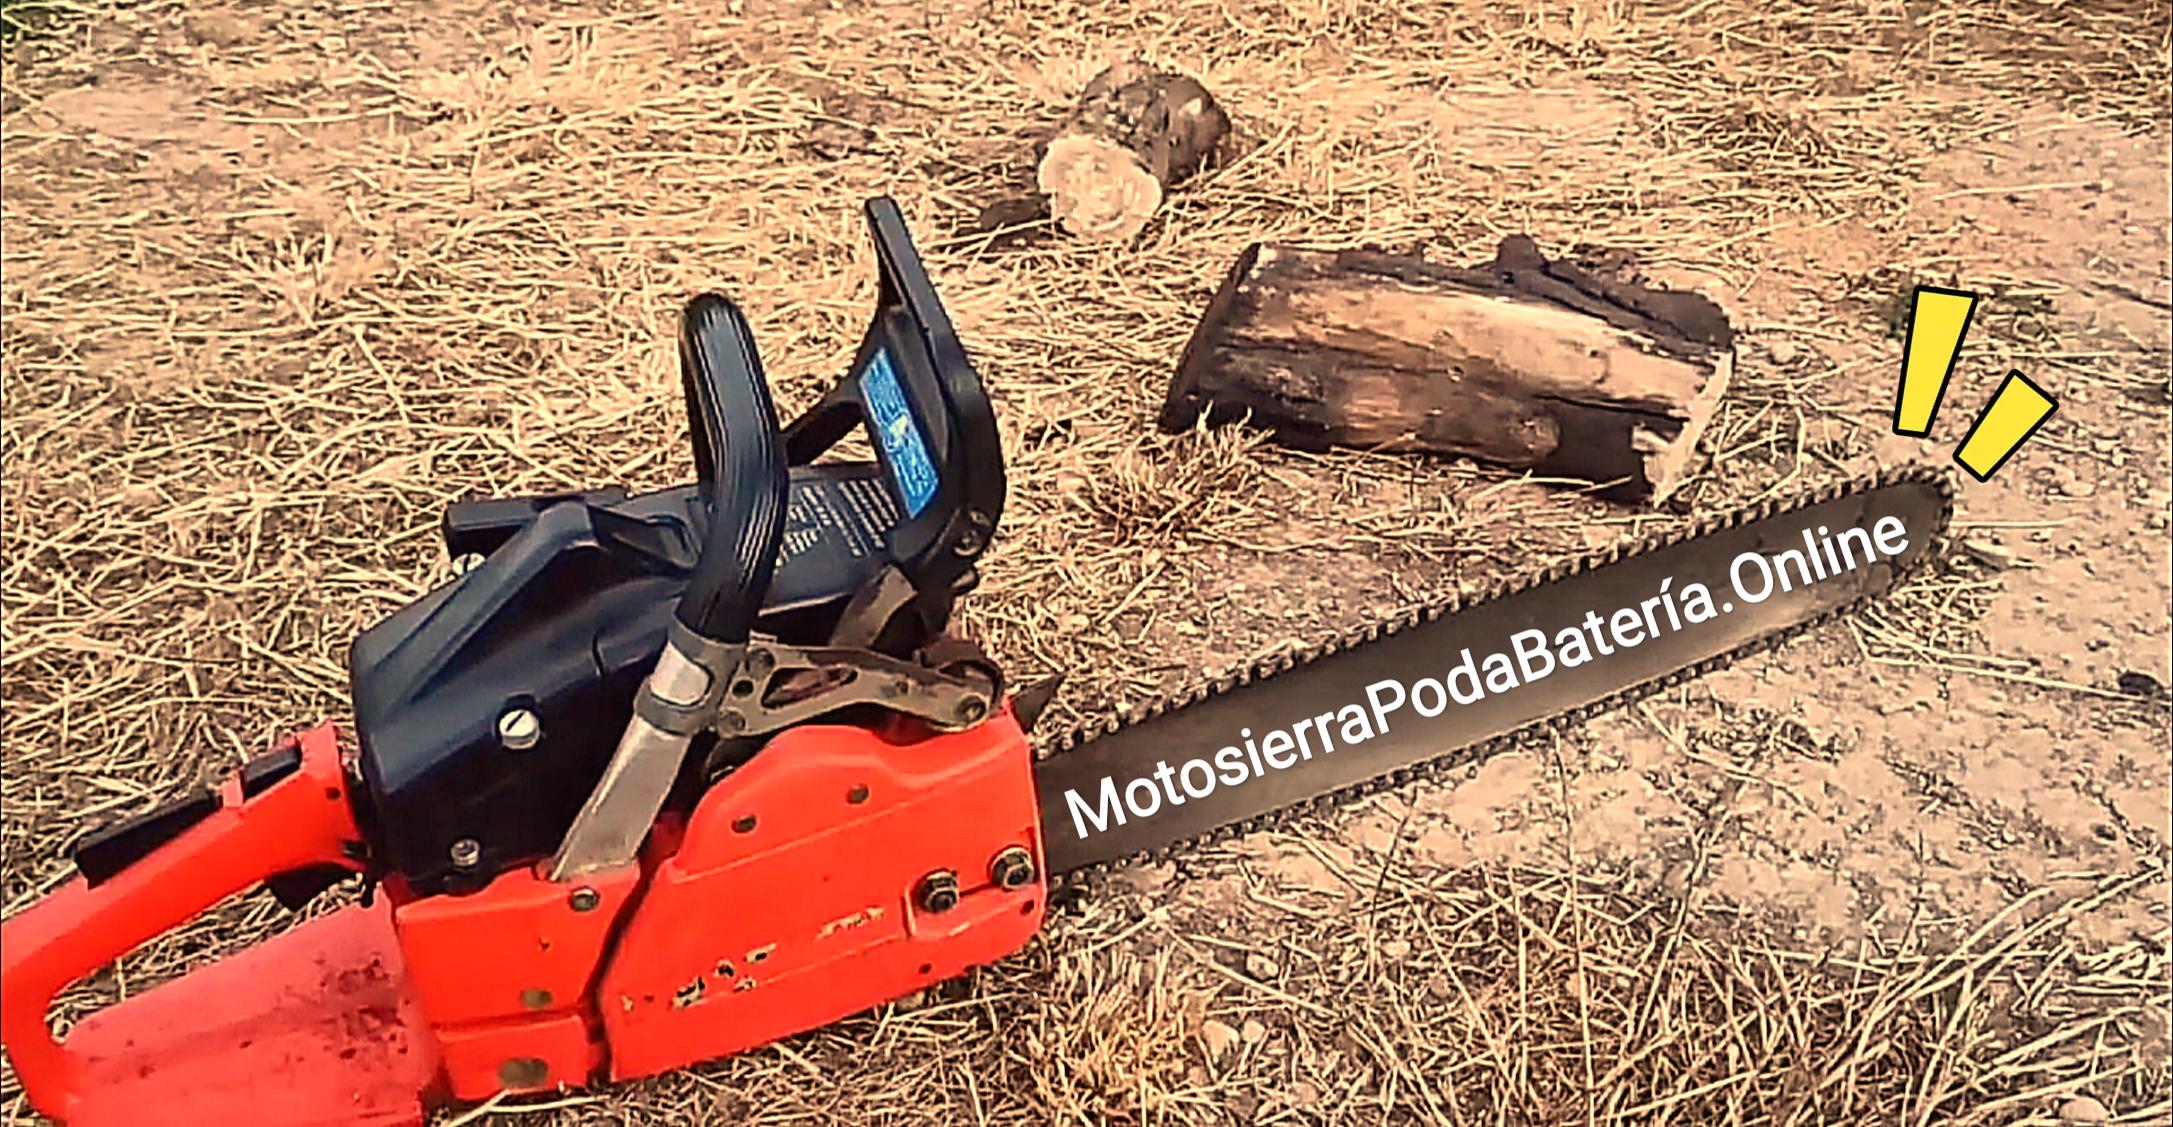 Inicio MotosierraPodaBatería.Online Nº1 en selección y venta de motosierras Online Confianza 100% ✓